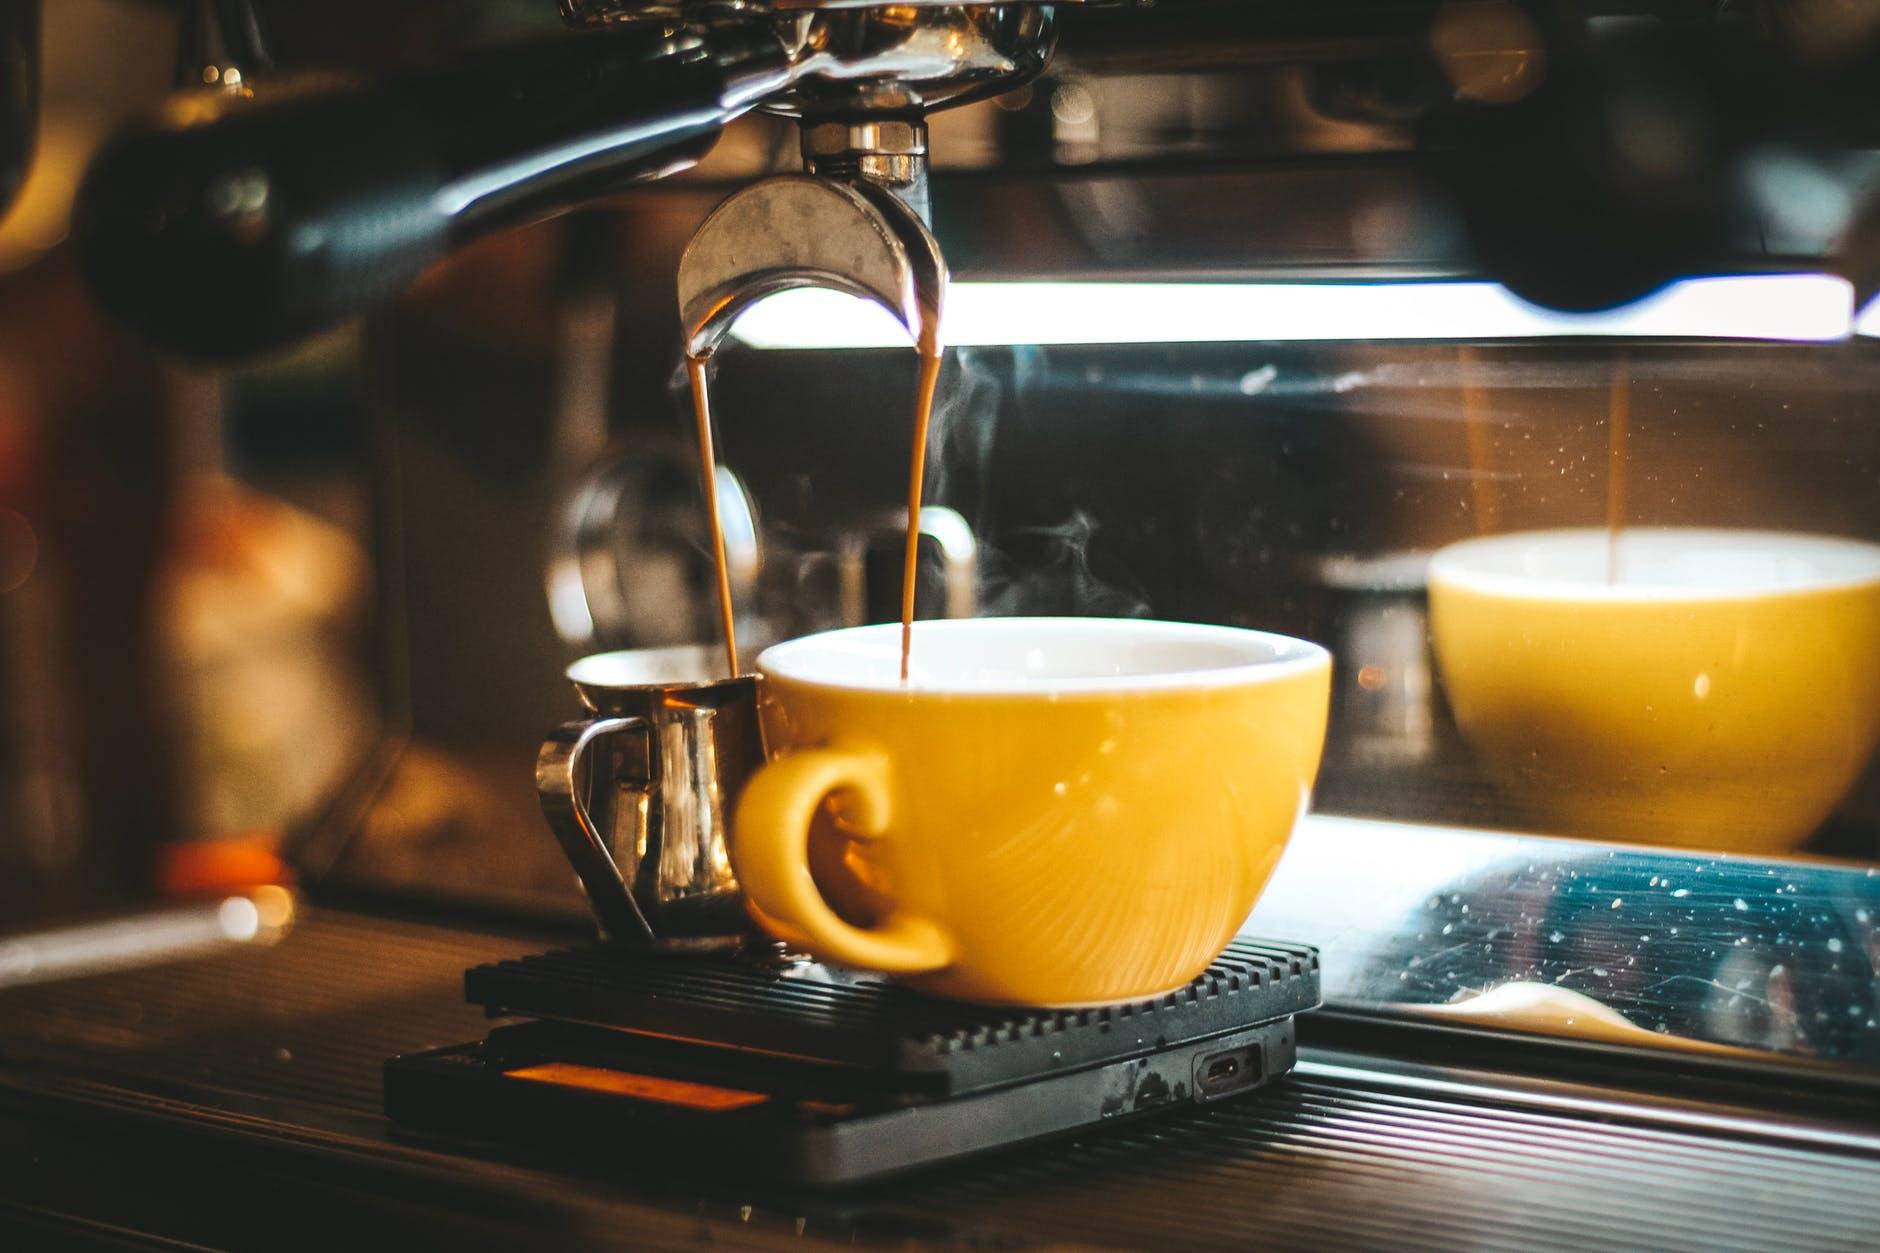 Cần chuẩn bị gì trước khi mở một quán cafe - xây dựng thị trường cho cafe